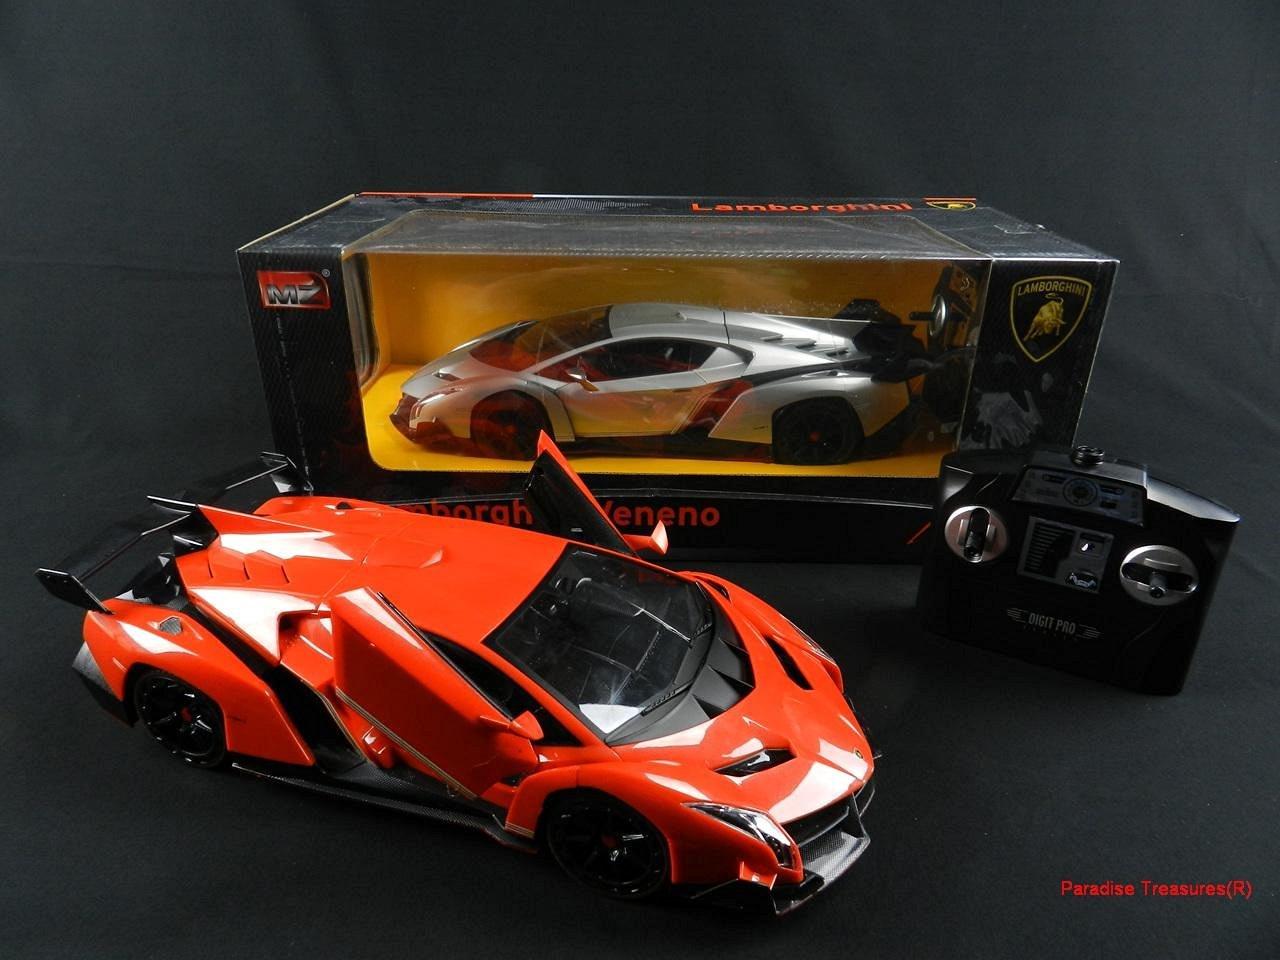 Cheap Lamborghini Veneno Replica For Sale Find Lamborghini Veneno